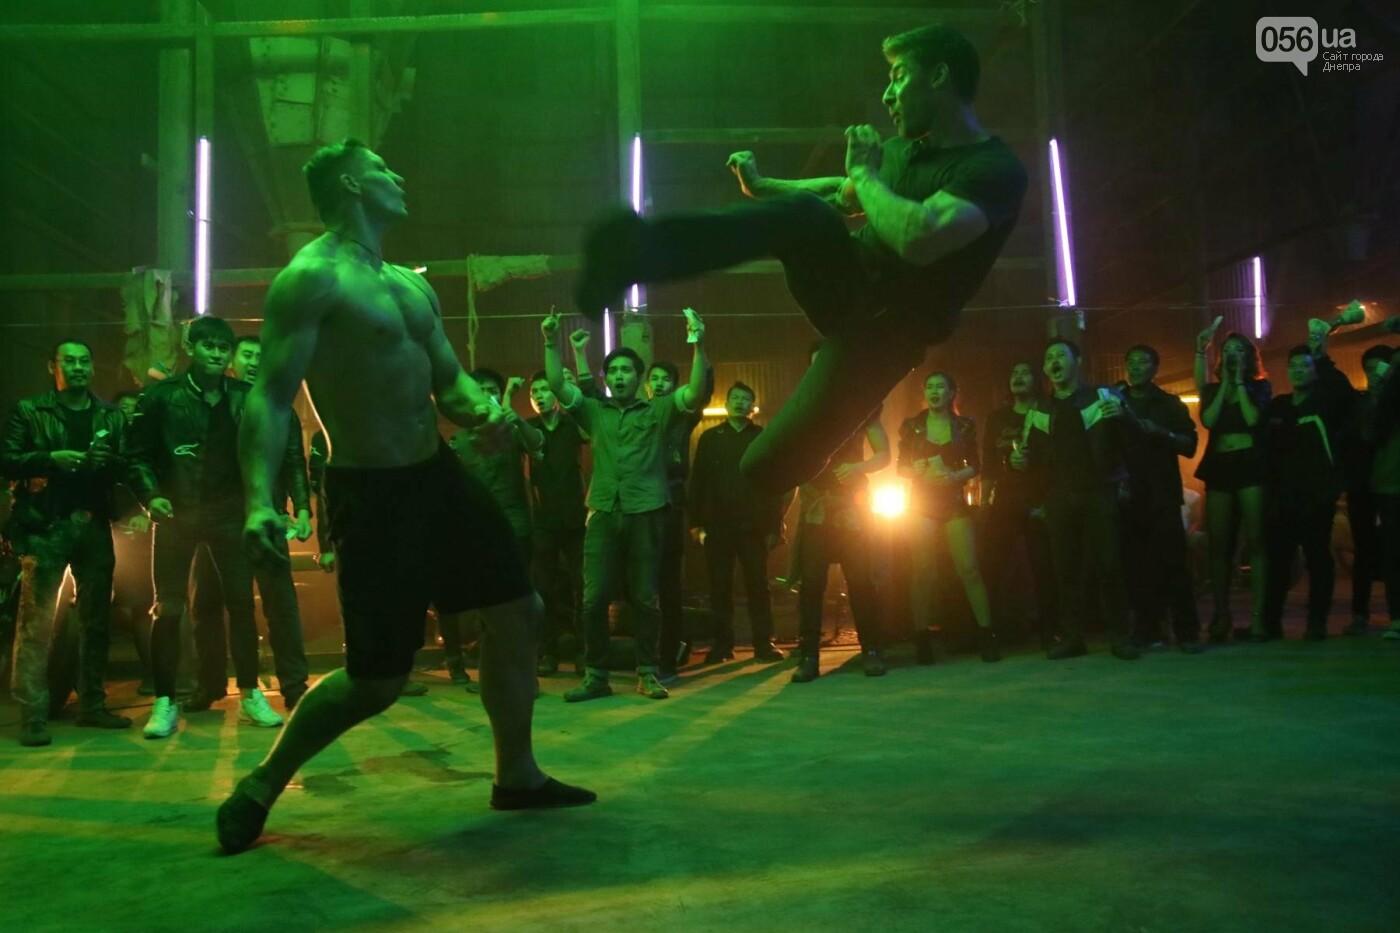 Вышел украинский трейлер продолжения легендарного бойцовского экшна, фото-6